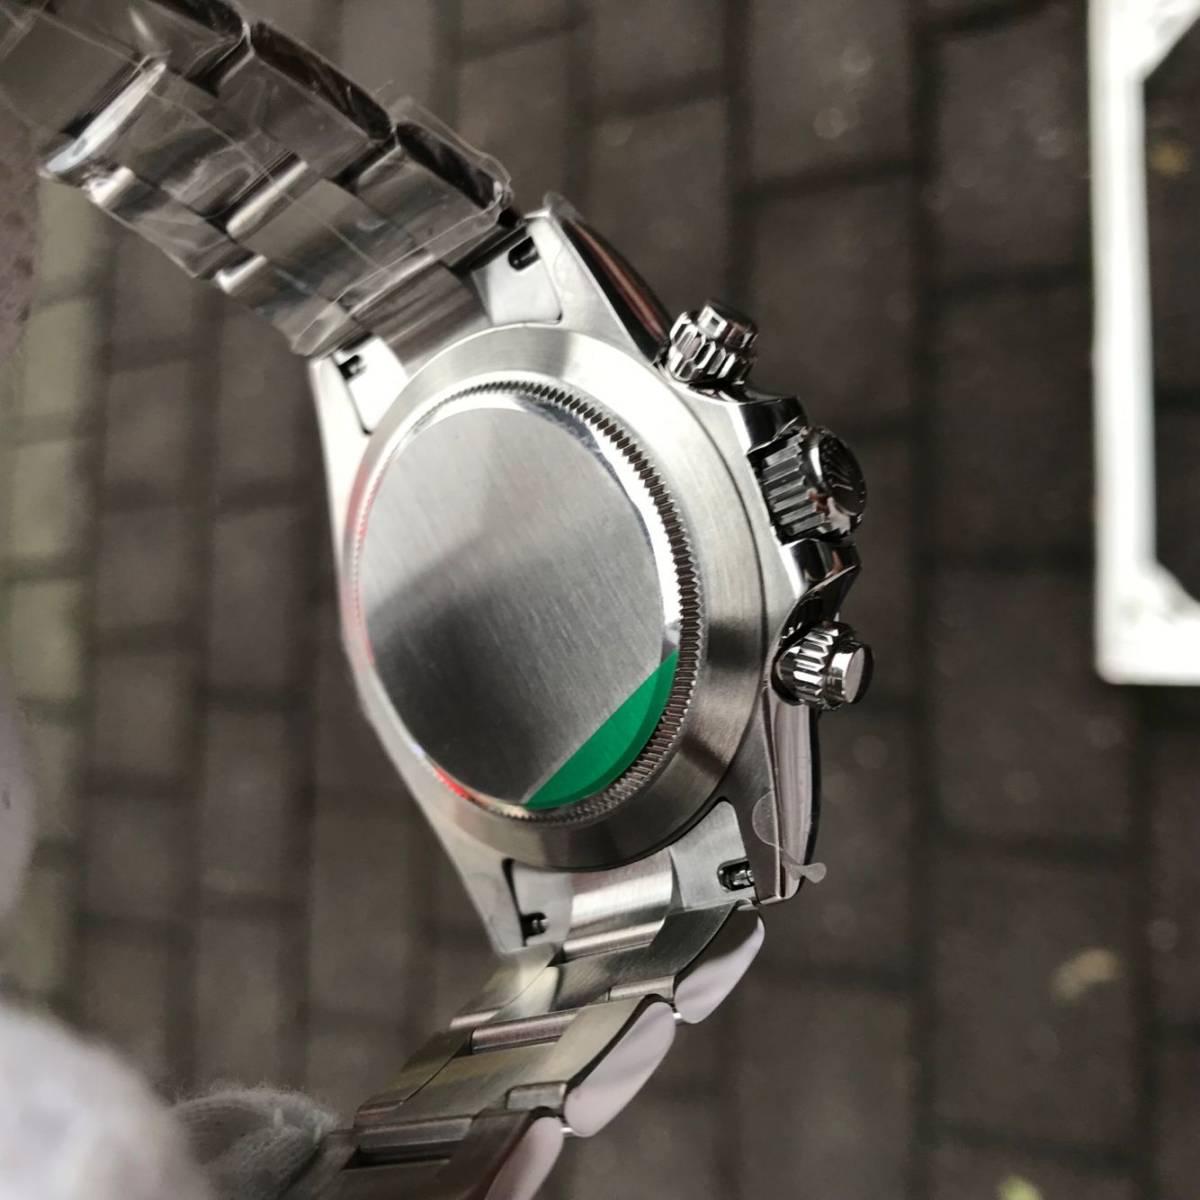 ロレックス AR デイトナ 自動巻 白文字盤 メンズ腕時計_画像5